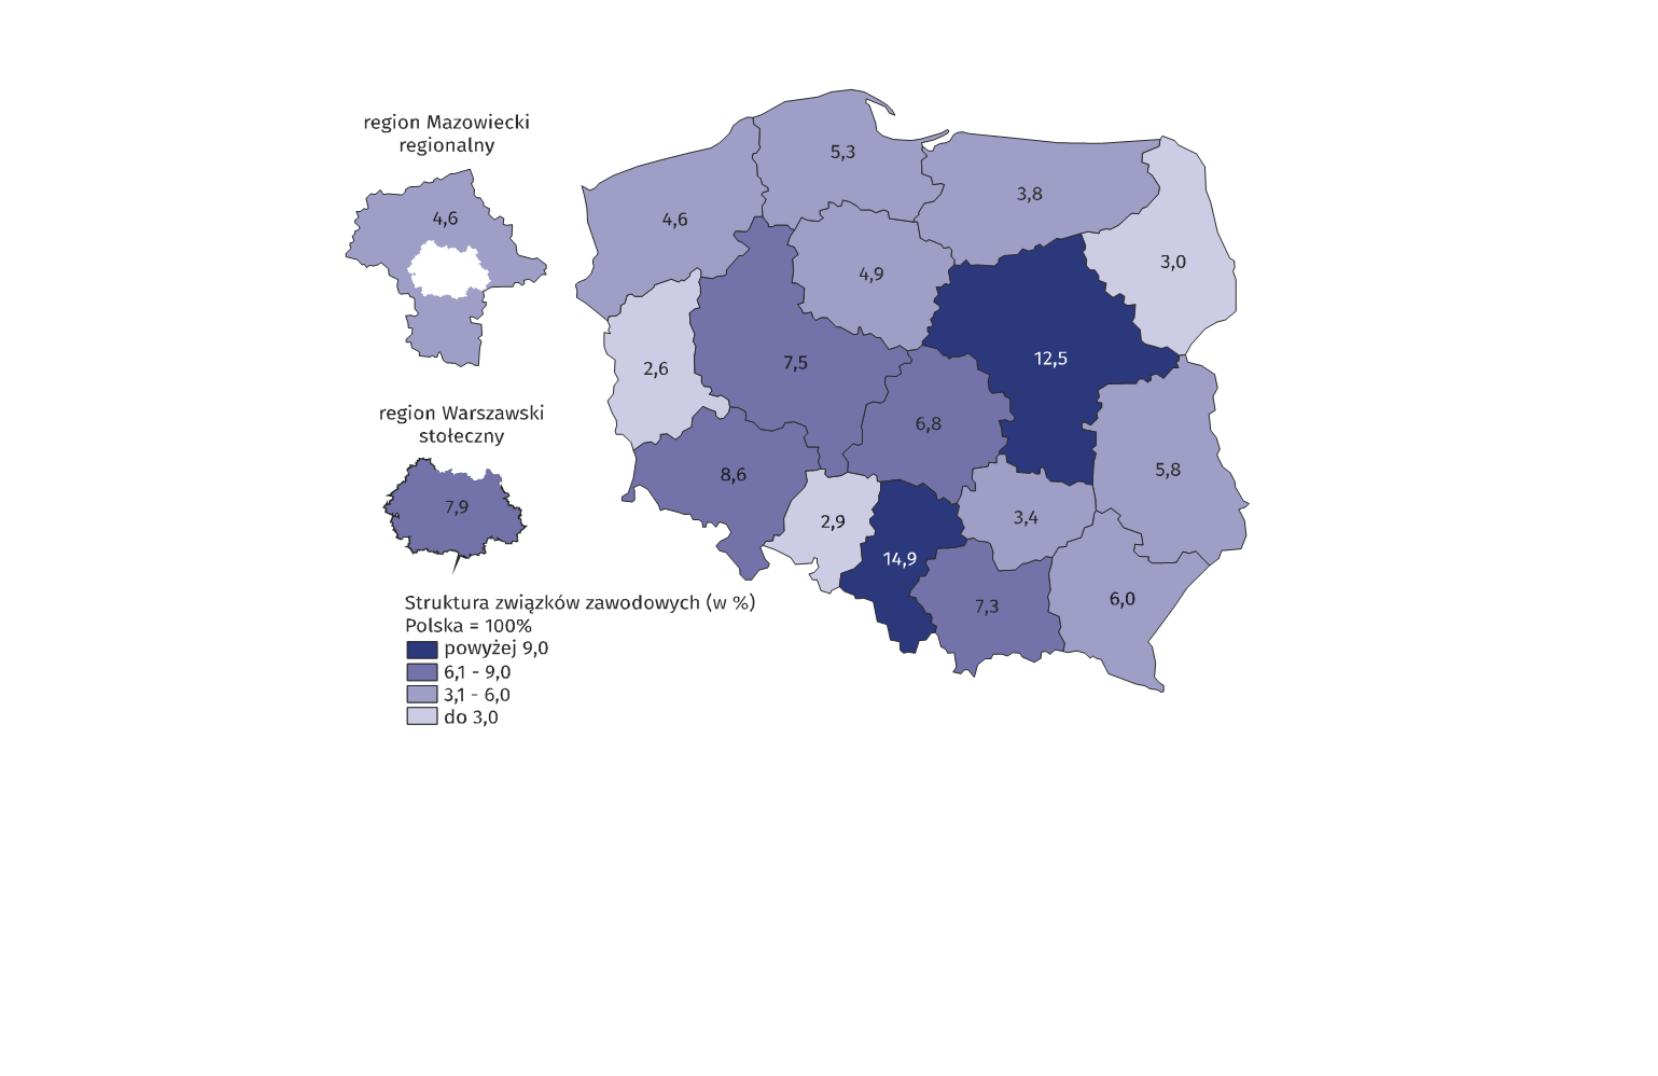 Związki zawodowe według województwa, w którym miały siedzibę w 2018 r. (źródło: materiały prasowe GUS)